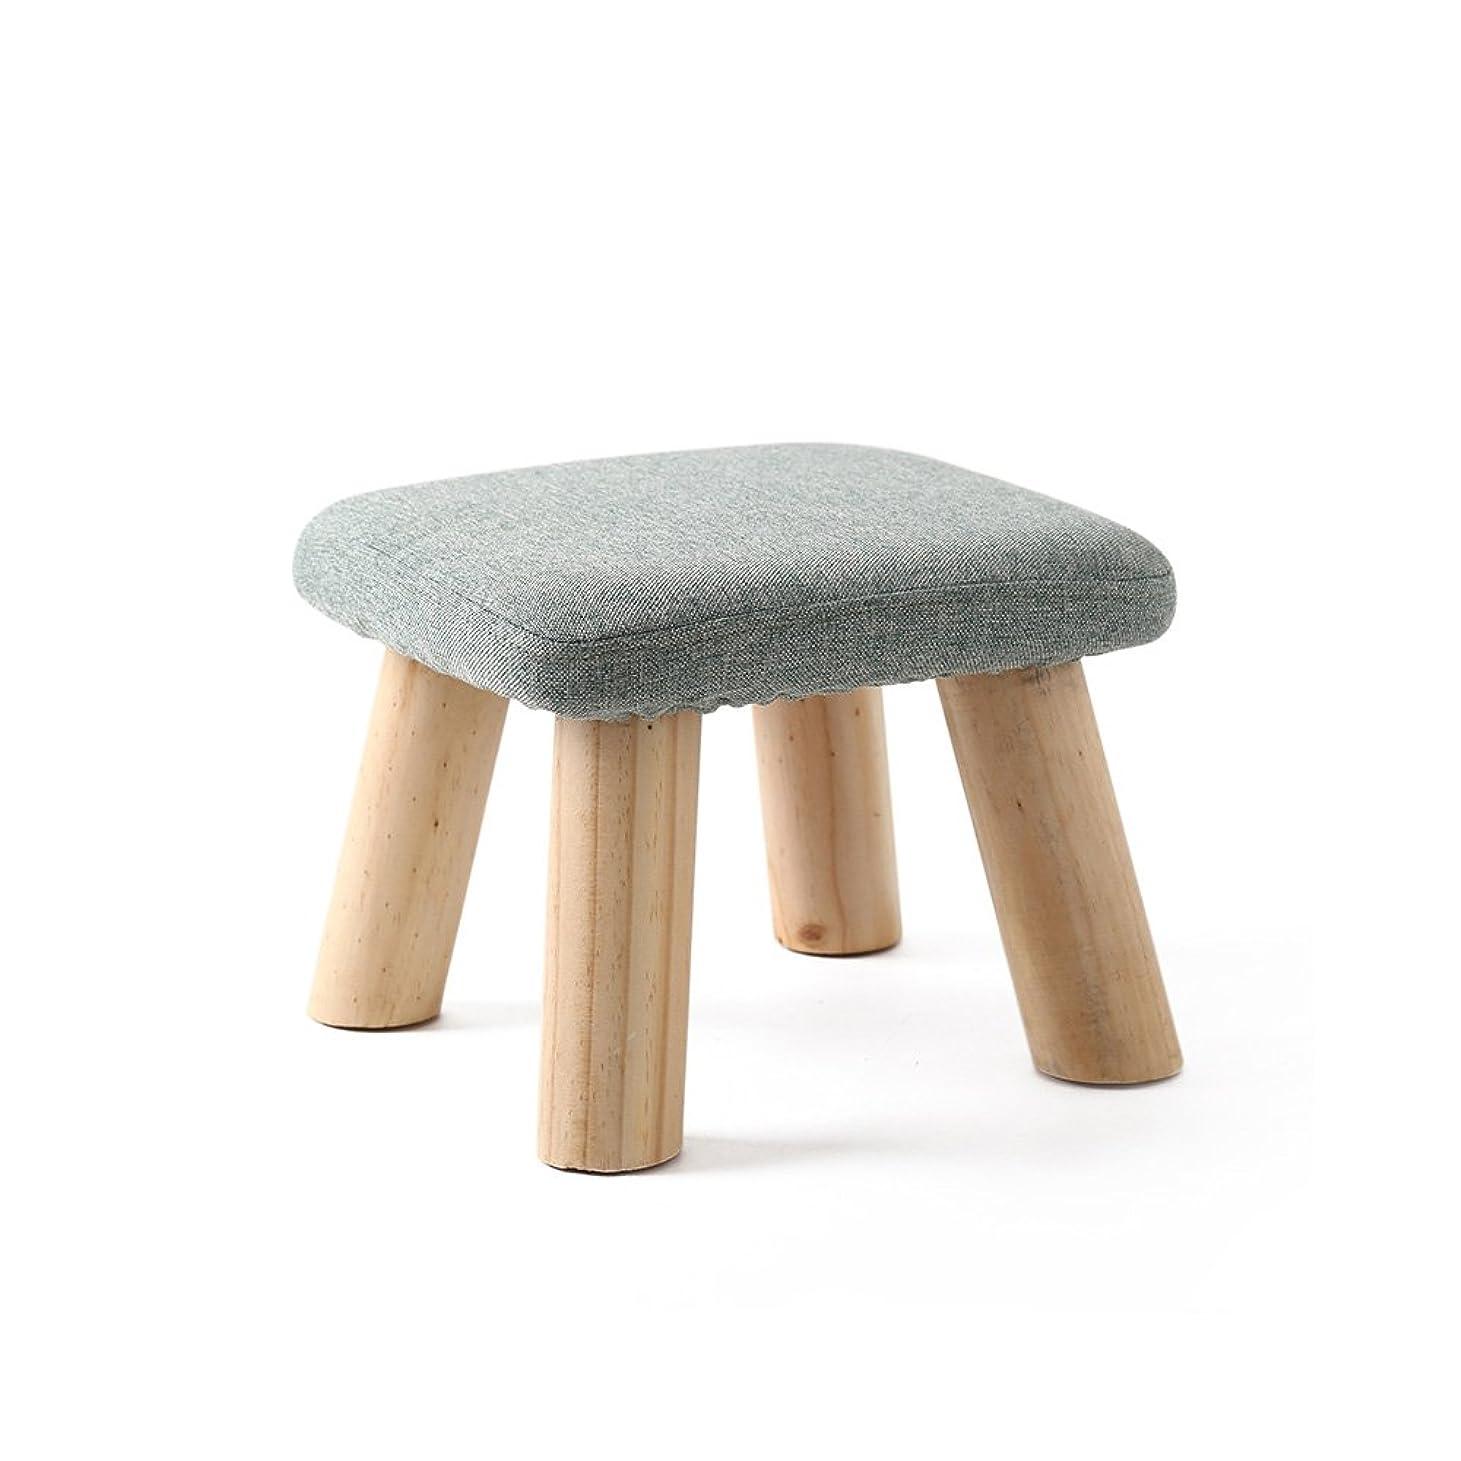 究極の一瞬遊具キッズスツール Baffect 木製子供椅子チェア 完成品 天然ブナの木製 木目調 耐荷重200kg キッズ家具?ベビー?子供部屋?和風室に合わせ (緑)